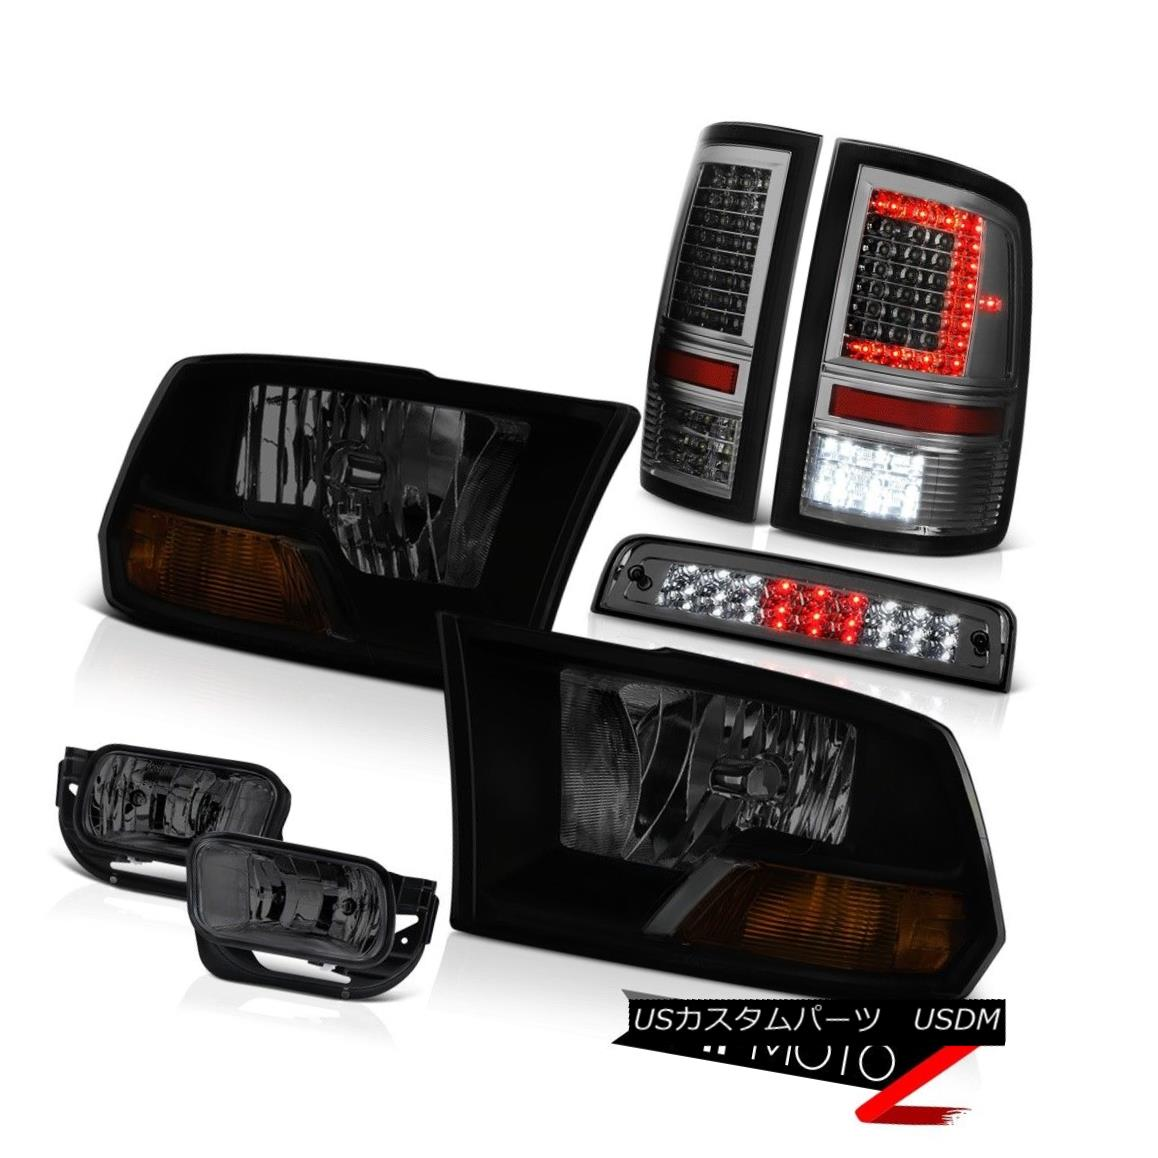 テールライト 09-14 15-18 Dodge RAM 3500 LED Tail Light Fog Lamp Brake Factory Style Headlamp 09-14 15-18ダッジRAM 3500 LEDテールライトフォグランプブレーキ工場スタイルヘッドライト